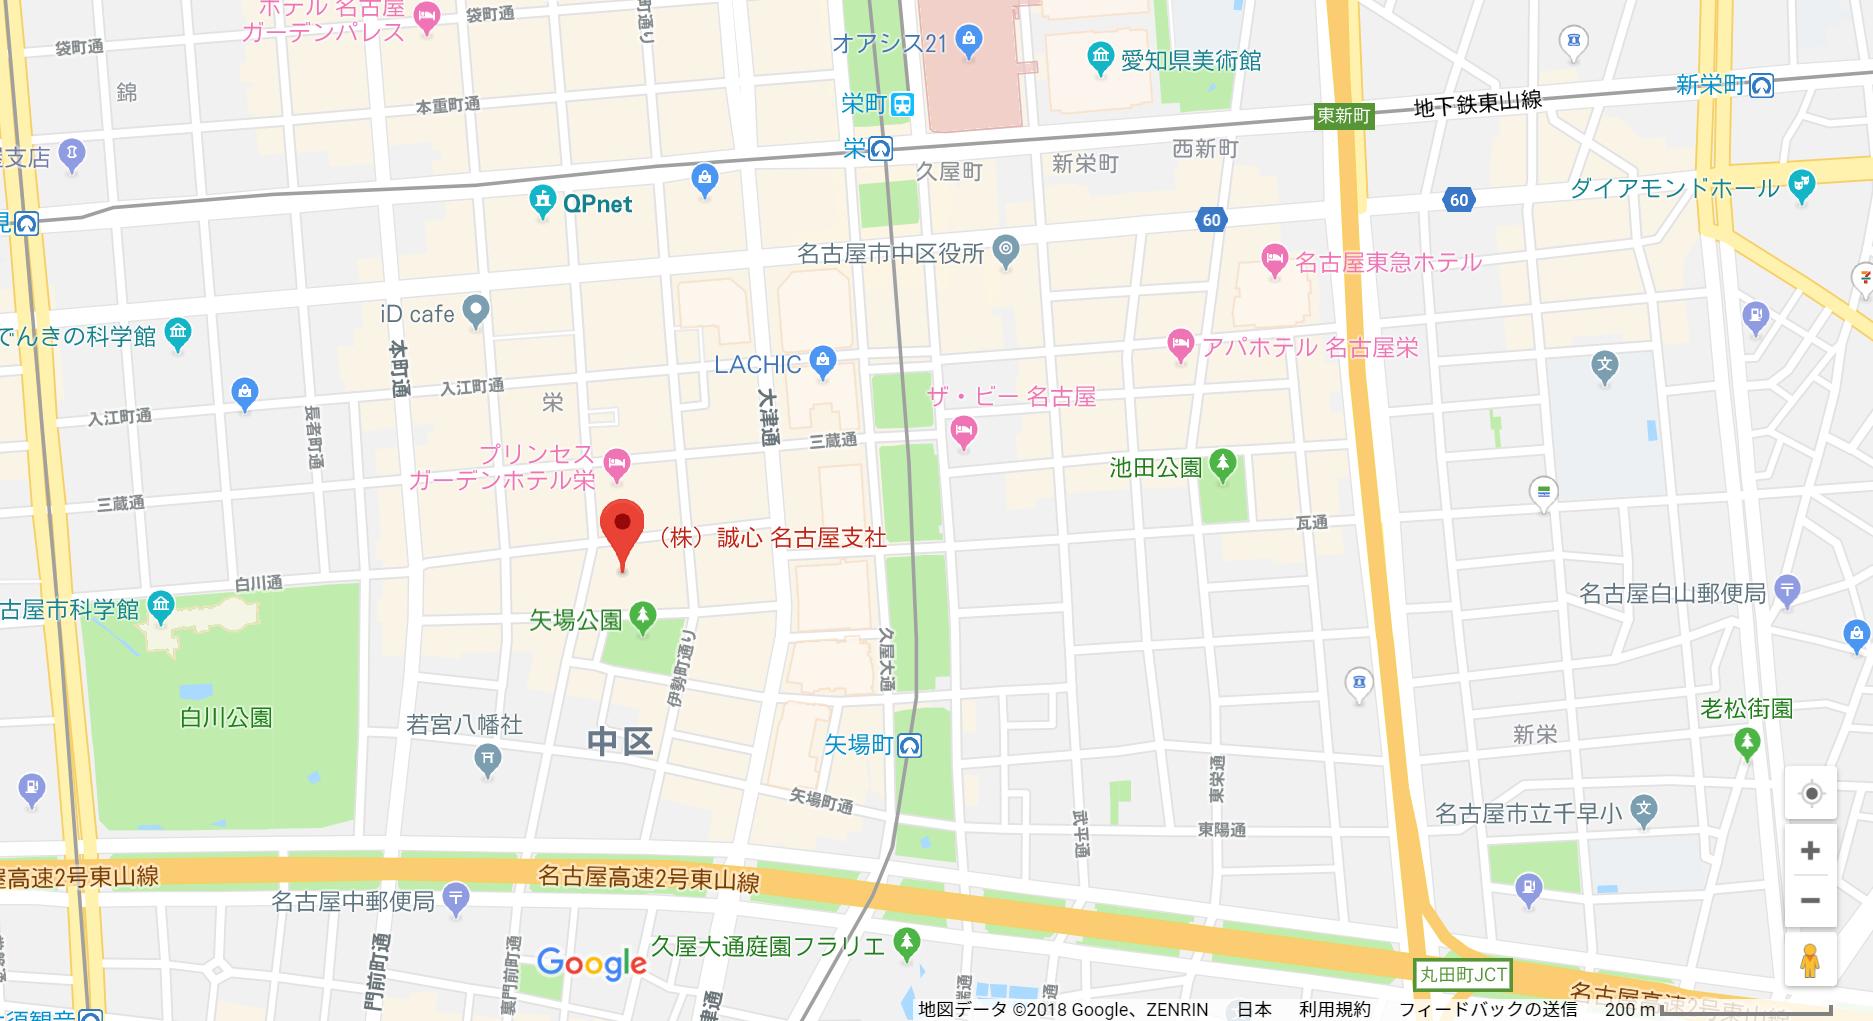 婚活のコツ 誠心 名古屋支社へのアクセス地図